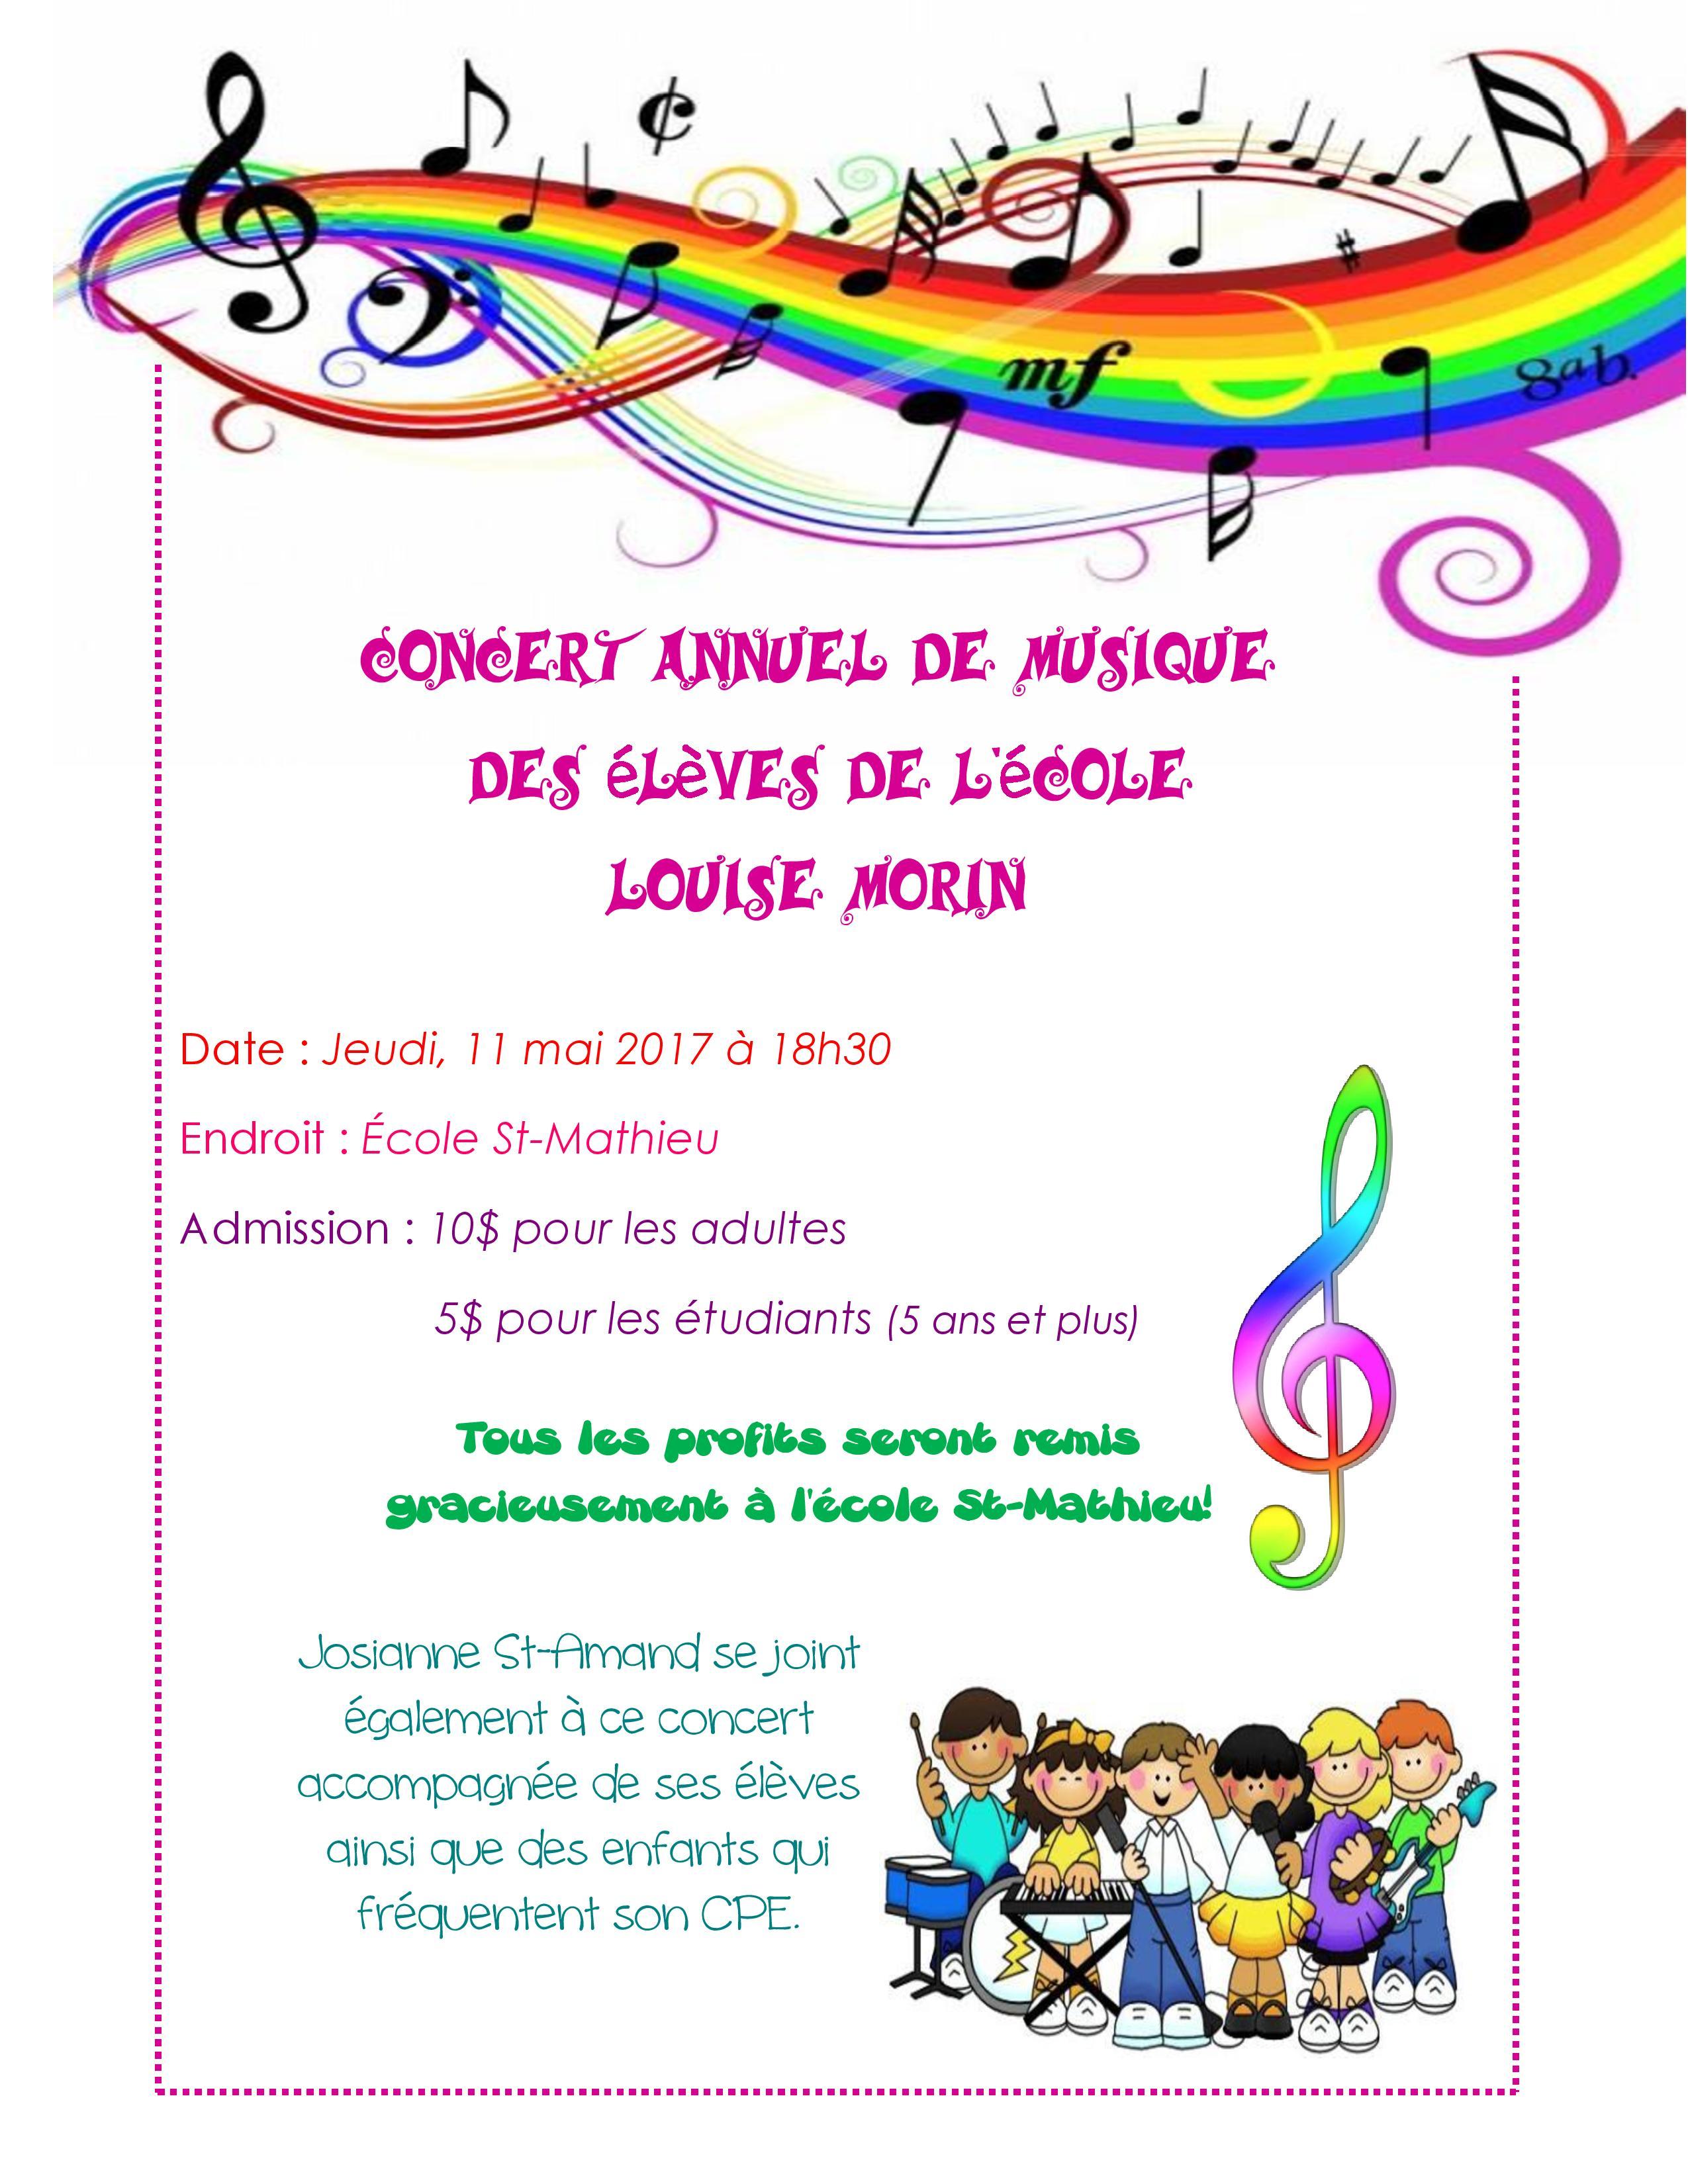 Concert-annuel-de-musique-2-page-001